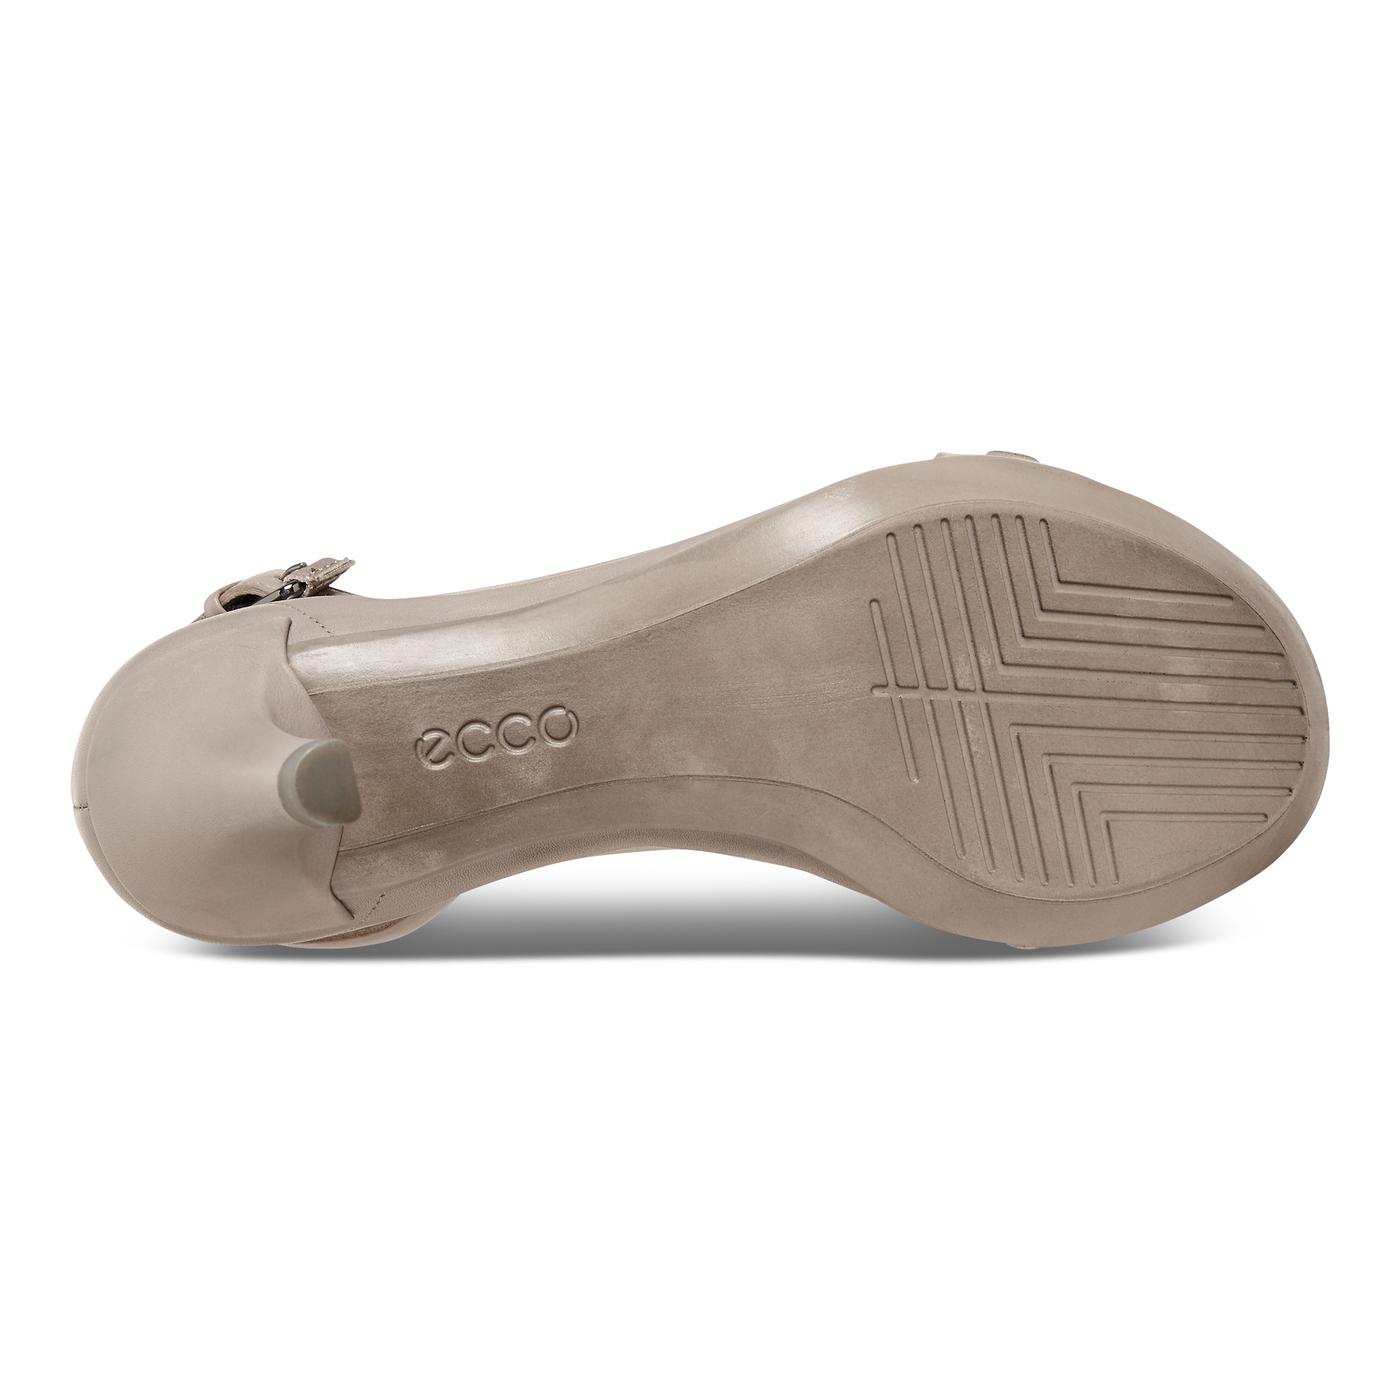 ECCO SHAPE 65 SLEEK Ankle Sandal